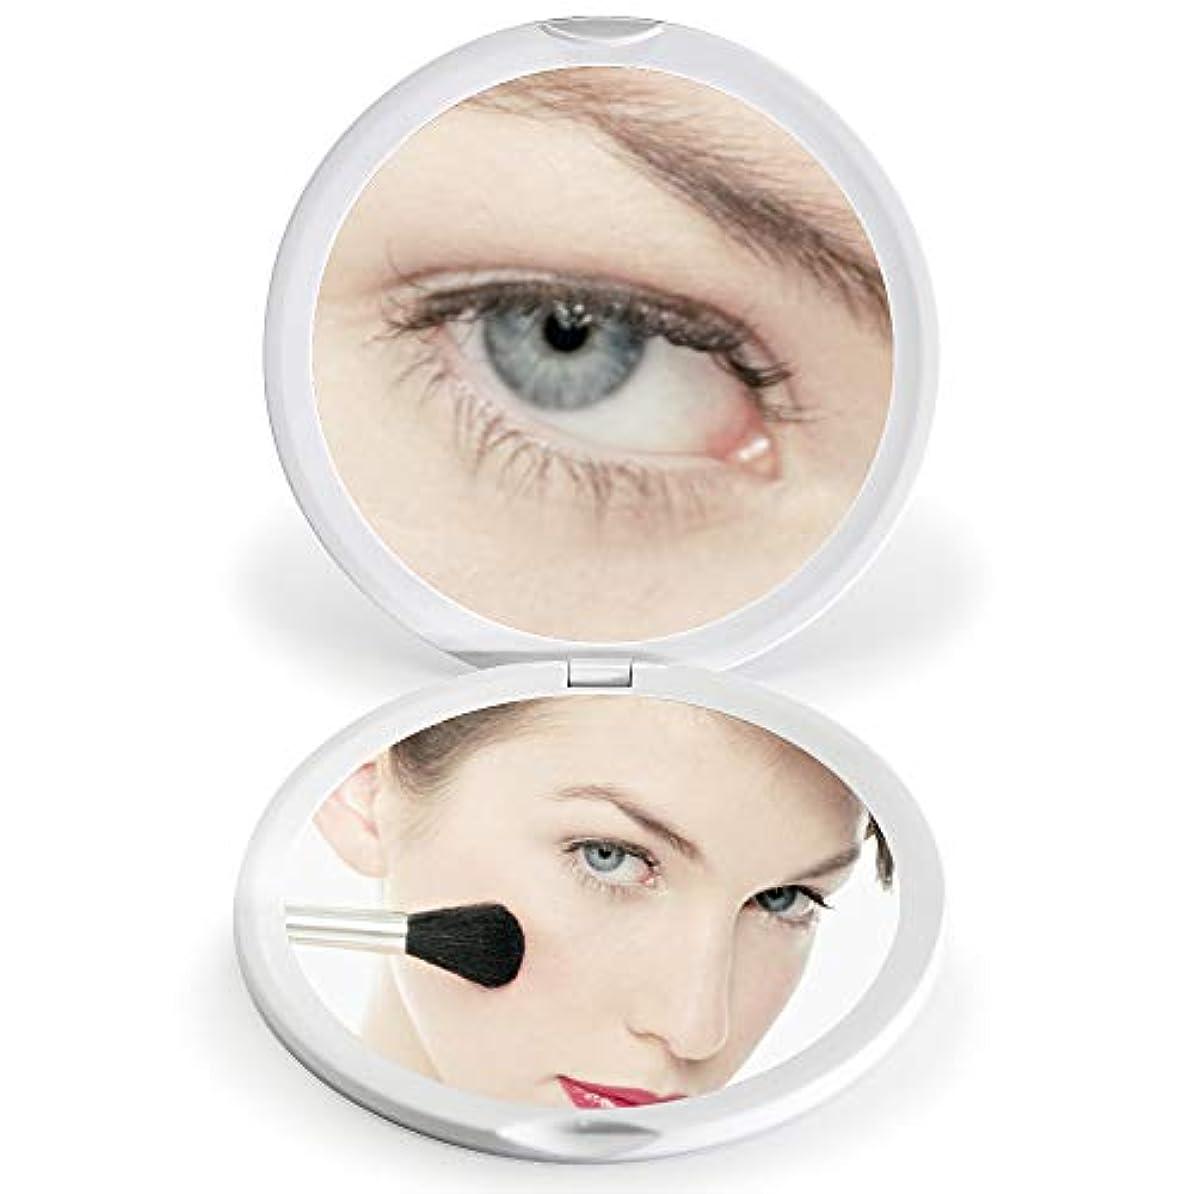 時制行う余剰FASCINATE 化粧鏡 化粧ミラー 鏡 女優ミラー 拡大鏡 10倍 明るさ調節可能 電池給電 (ホワイト)